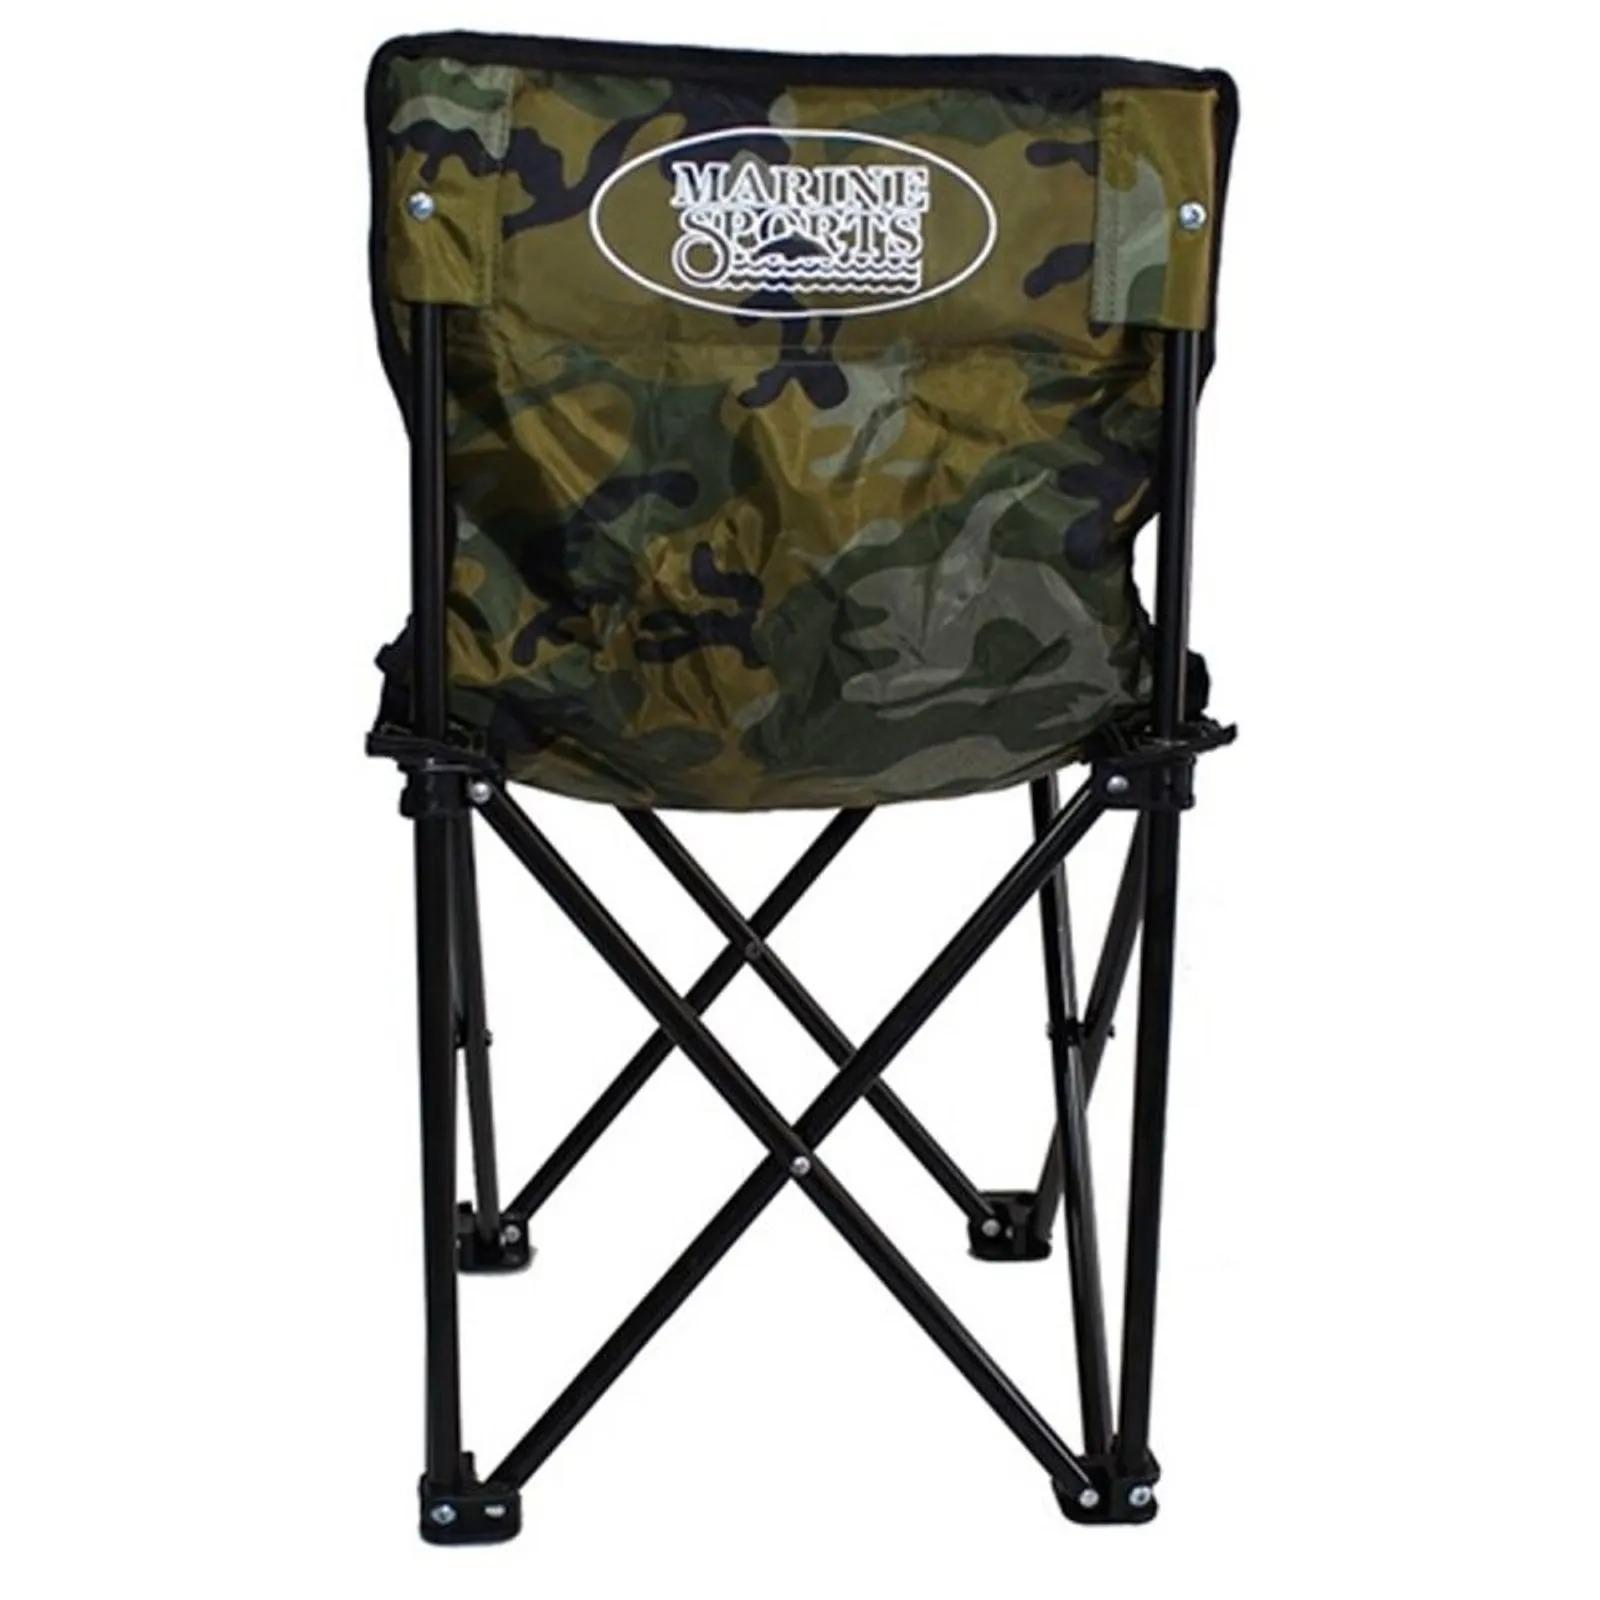 Cadeira Marine Sports Diretor Xd-03 Dobrável - Camuflada